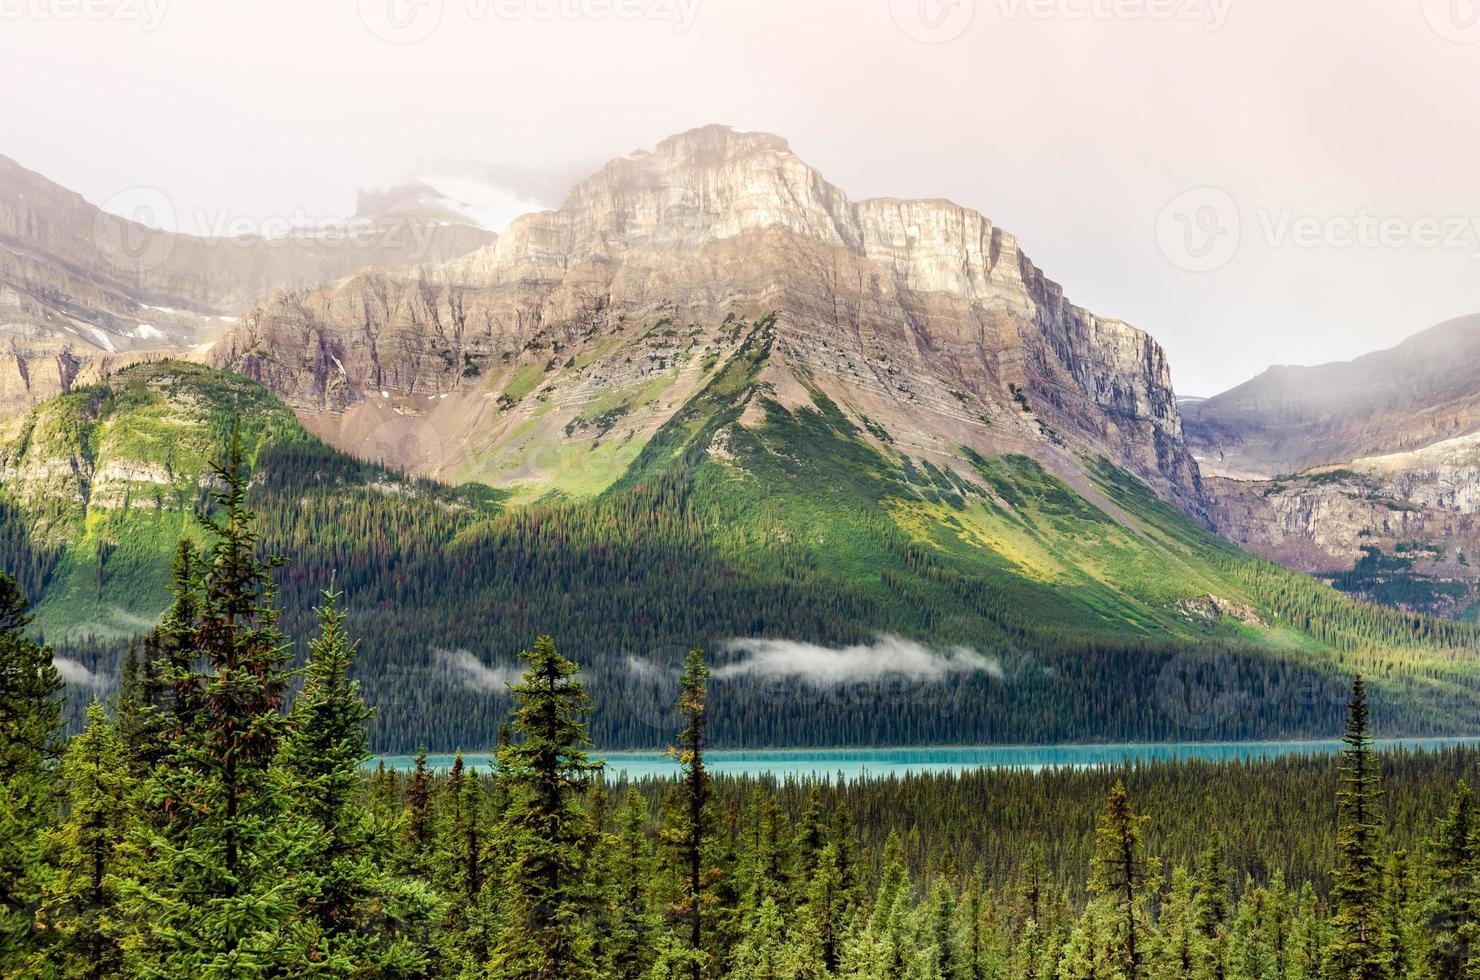 vista panorámica de la montaña cerca de icefields parkway, montañas rocosas canadienses foto